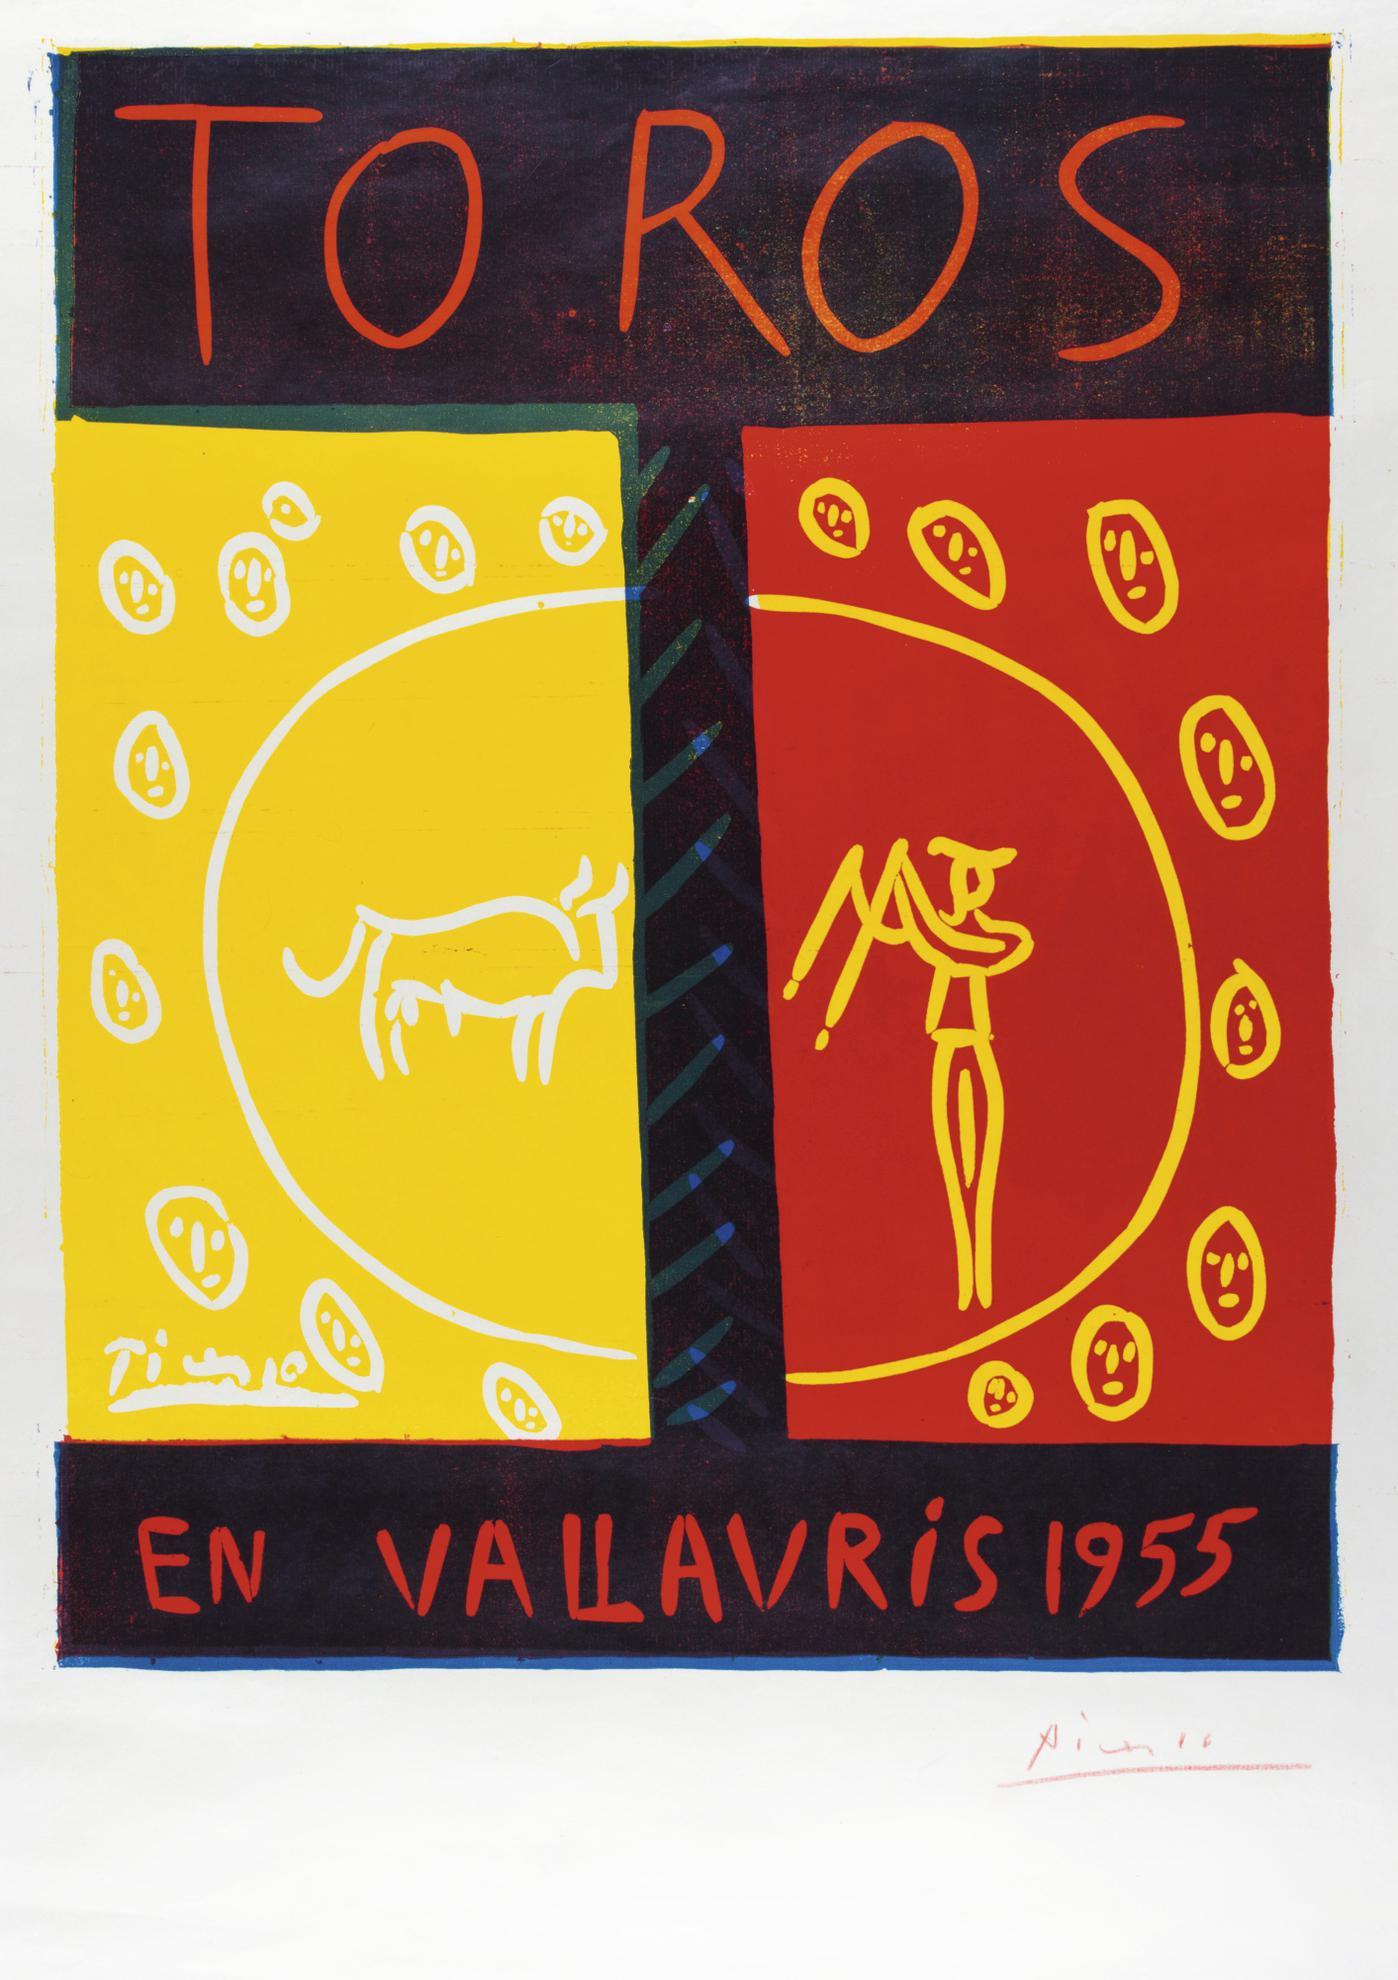 Pablo Picasso-Toros En Vallauris 1955 (B. 1265; Ba. 1029; Pp. L-8; Czw. 14)-1955